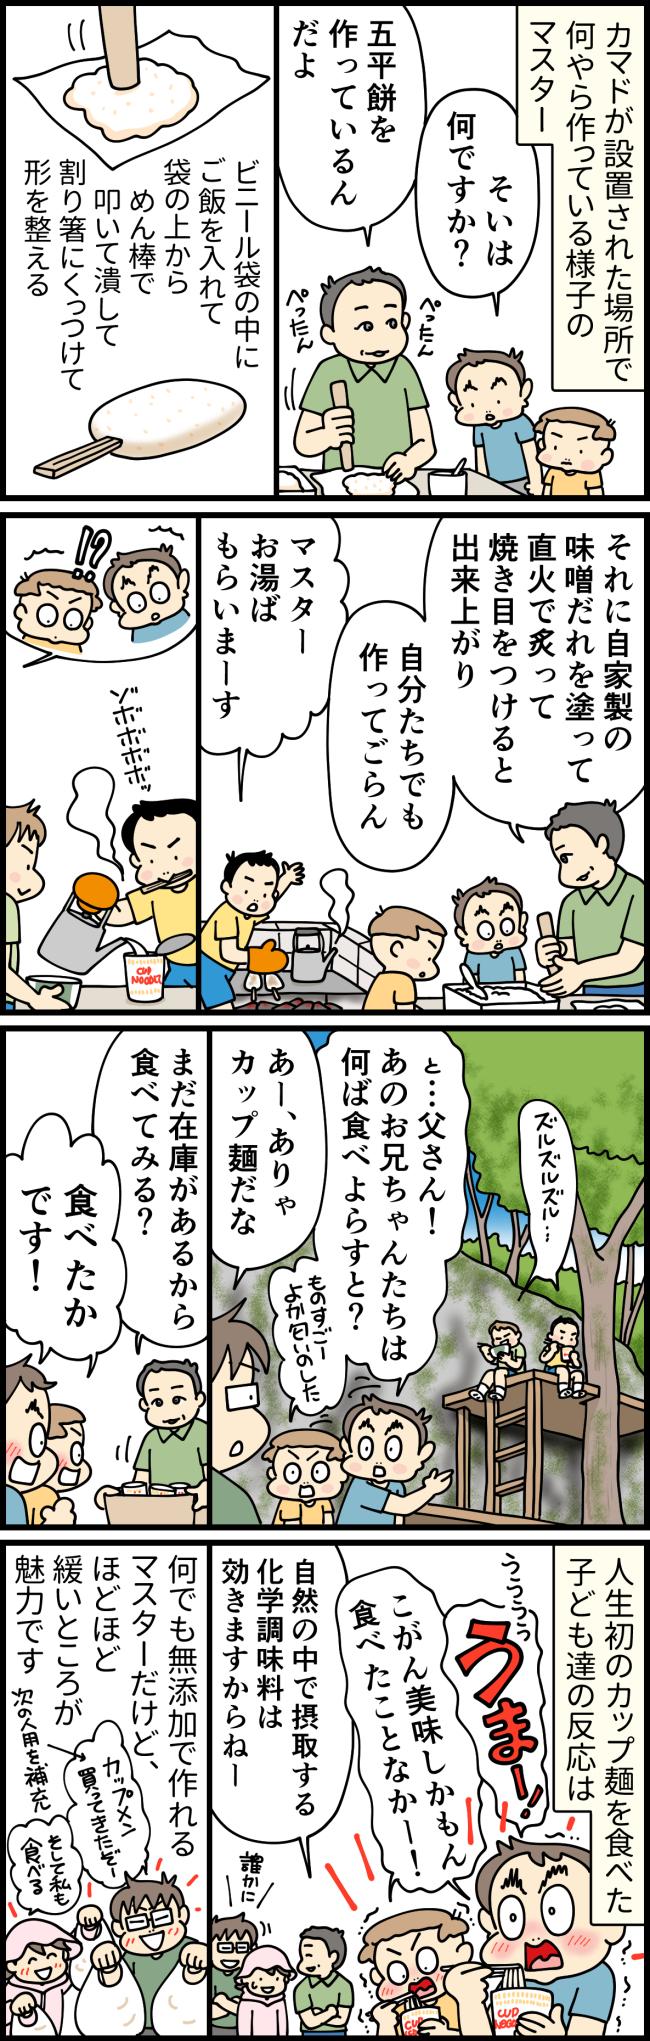 「冒険の森」で生まれてはじめてカップ麺を食べ美味しさに震える大原タケとレイ